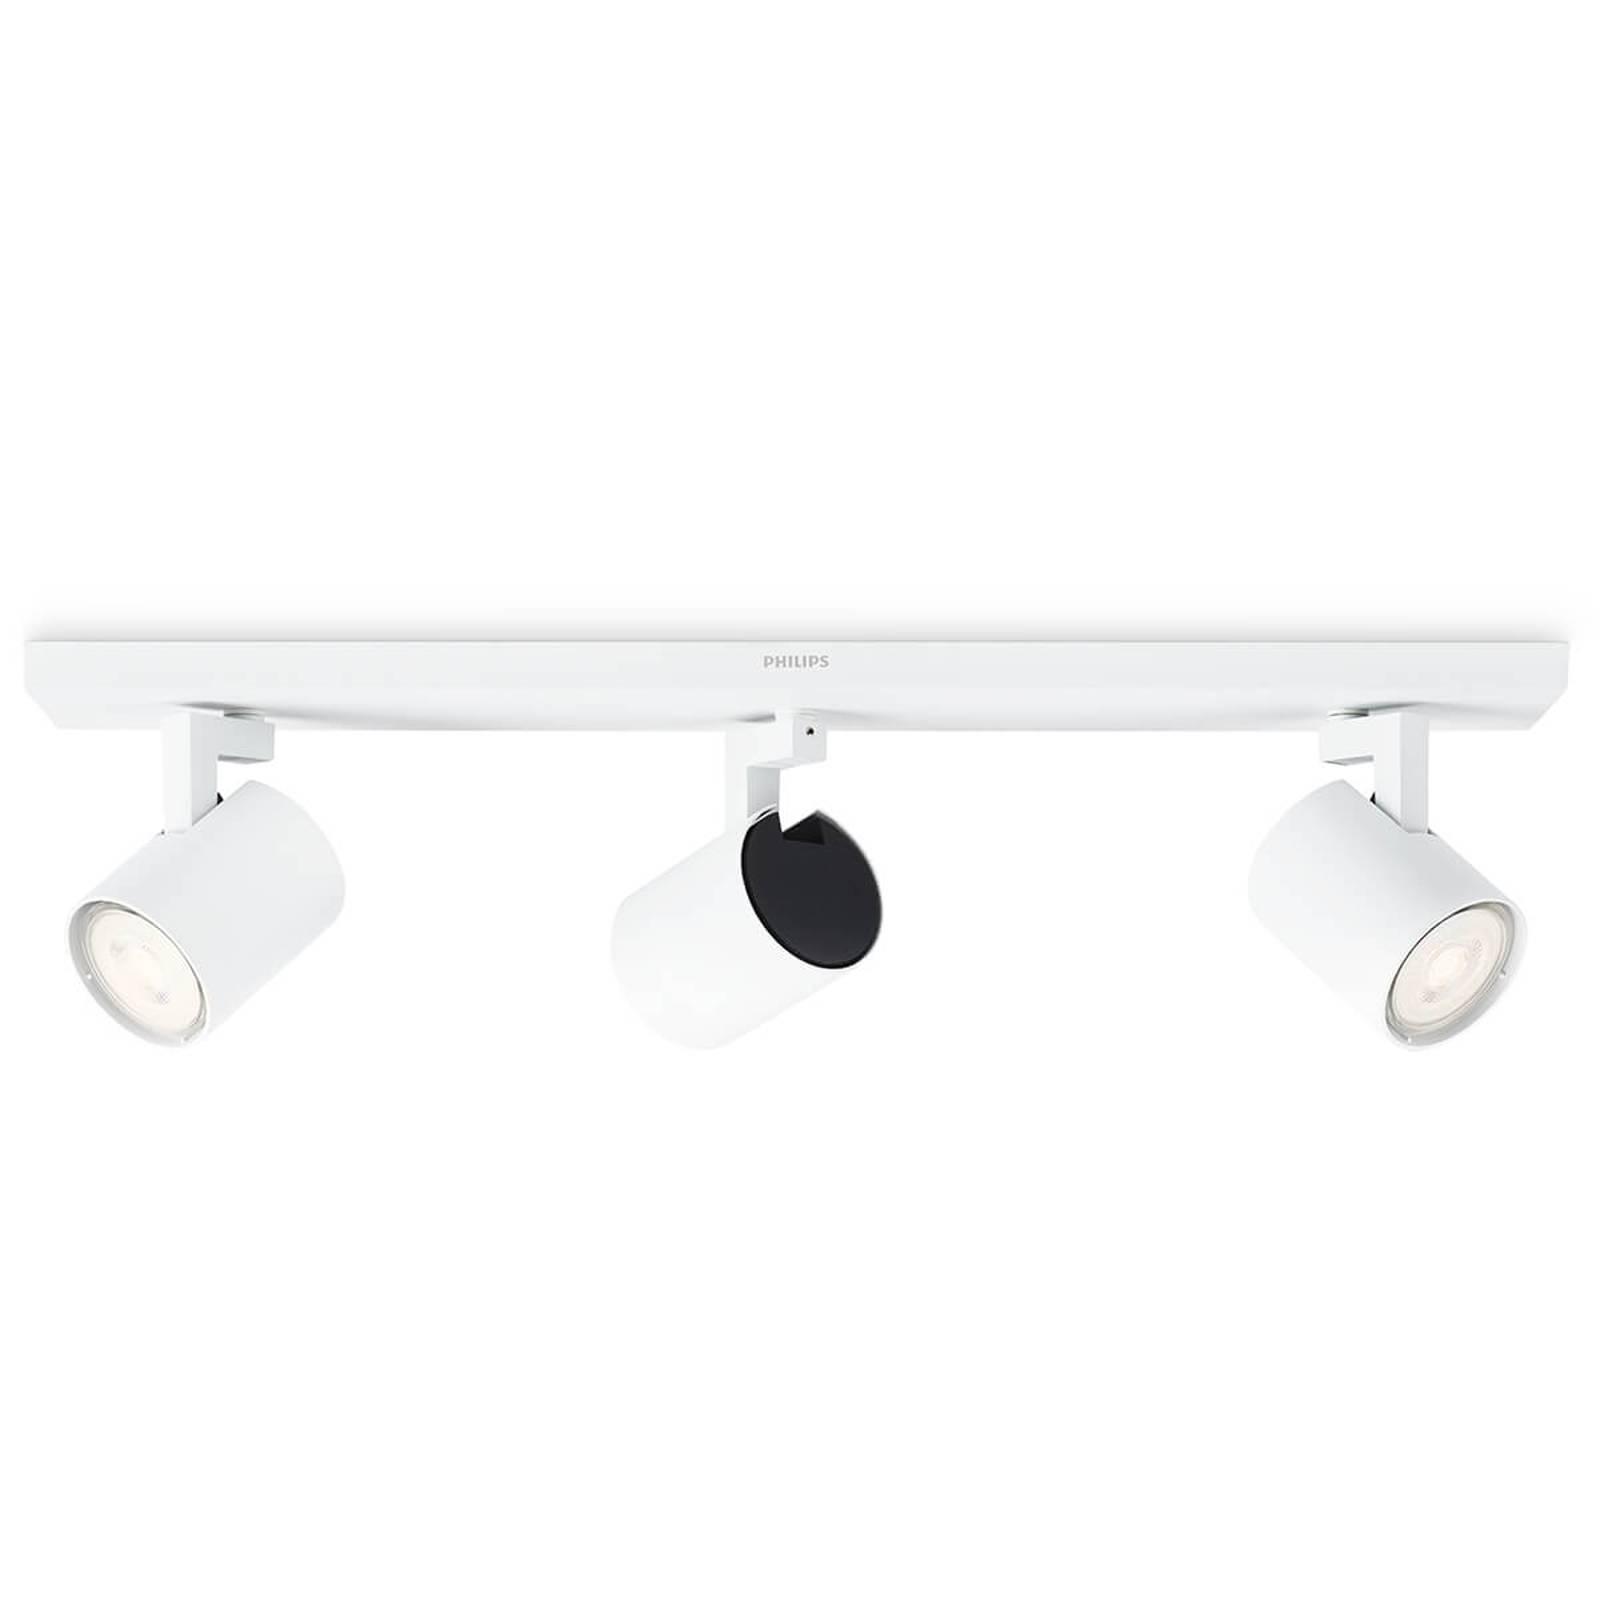 Philips Runner LED-Deckenstrahler weiß 3-flg.